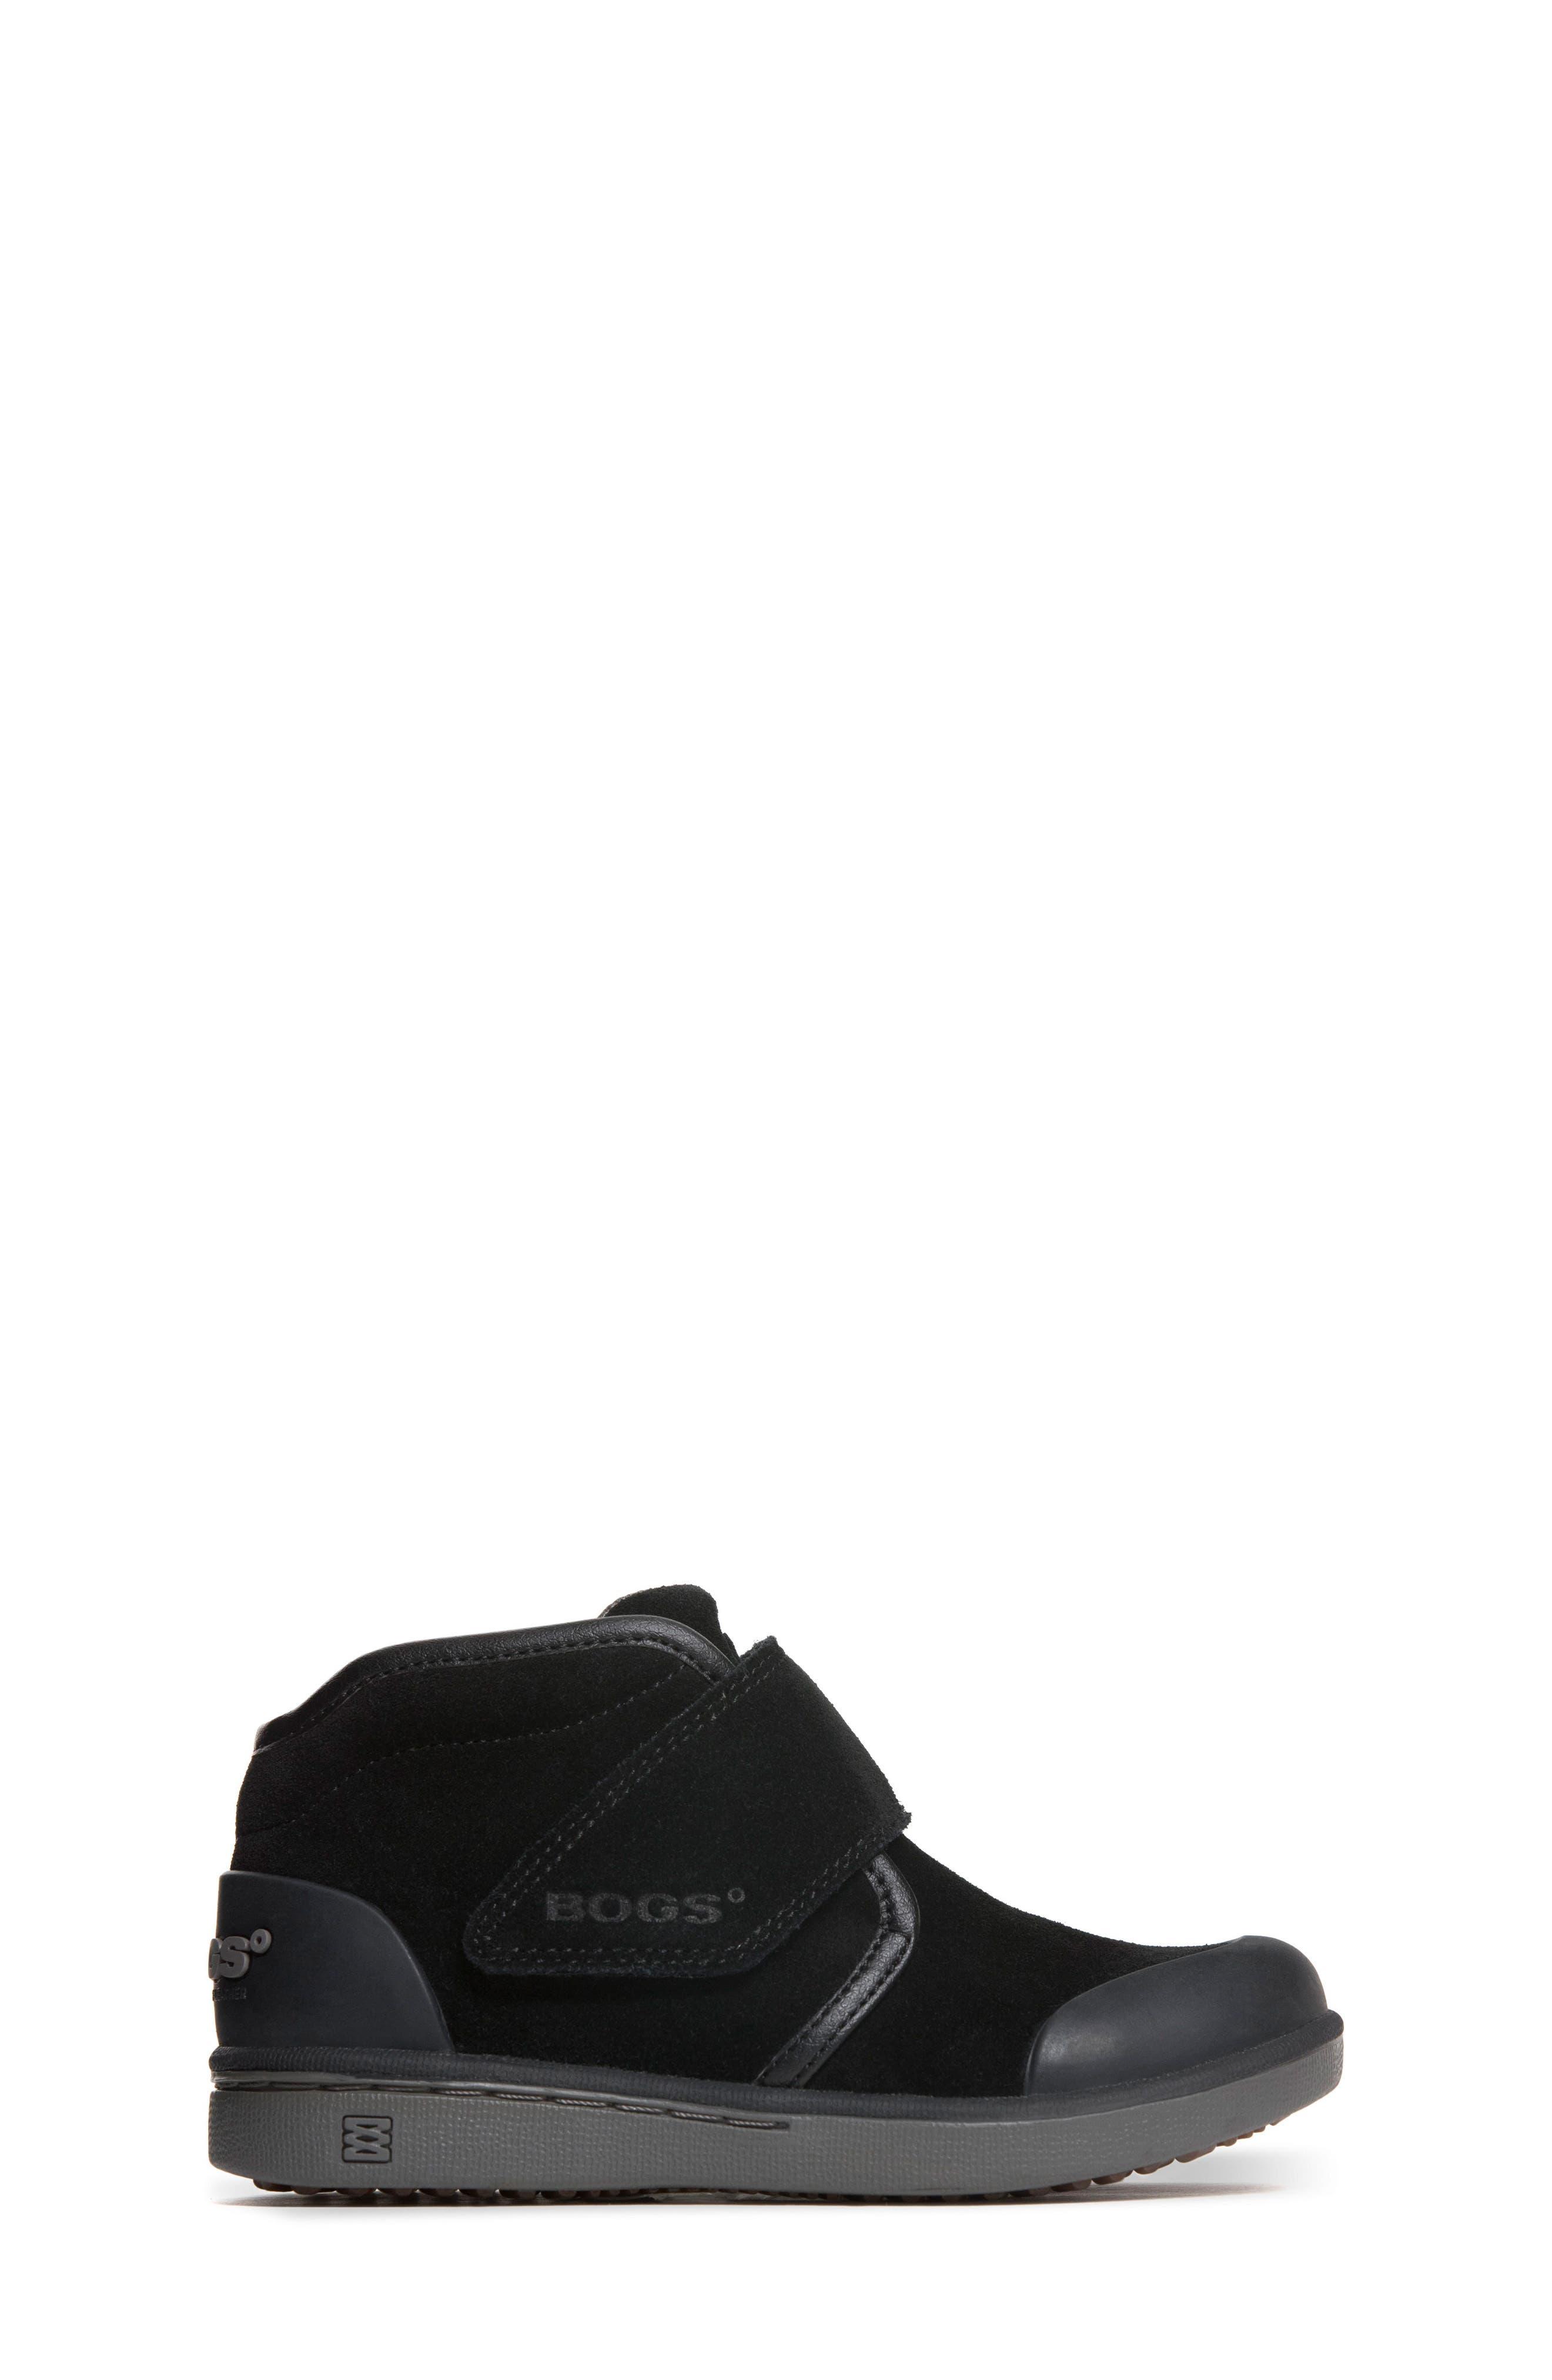 Alternate Image 3  - Bogs 'Sammy' Waterproof Sneaker (Walker, Toddler & Little Kid)